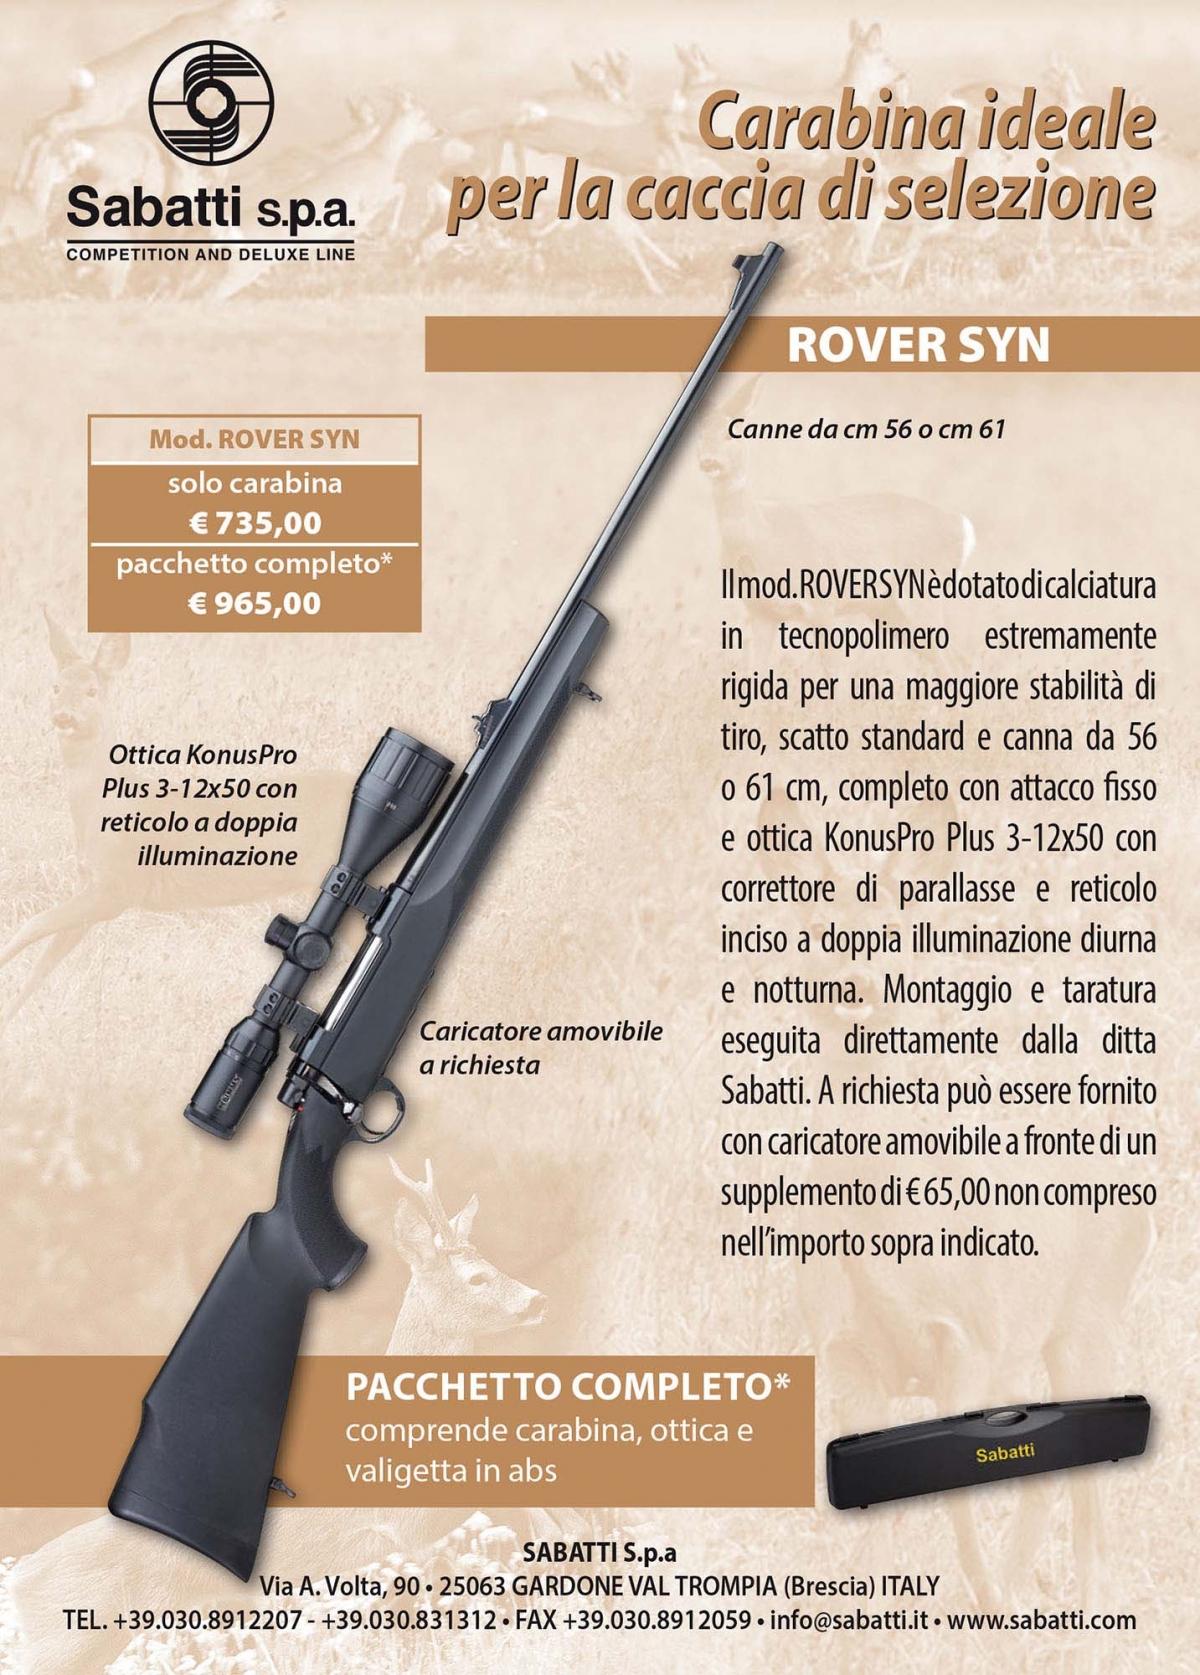 Caccia a palla: pacchetto Sabatti Rover Syn con ottica Konus Pro Plus 3-12x50